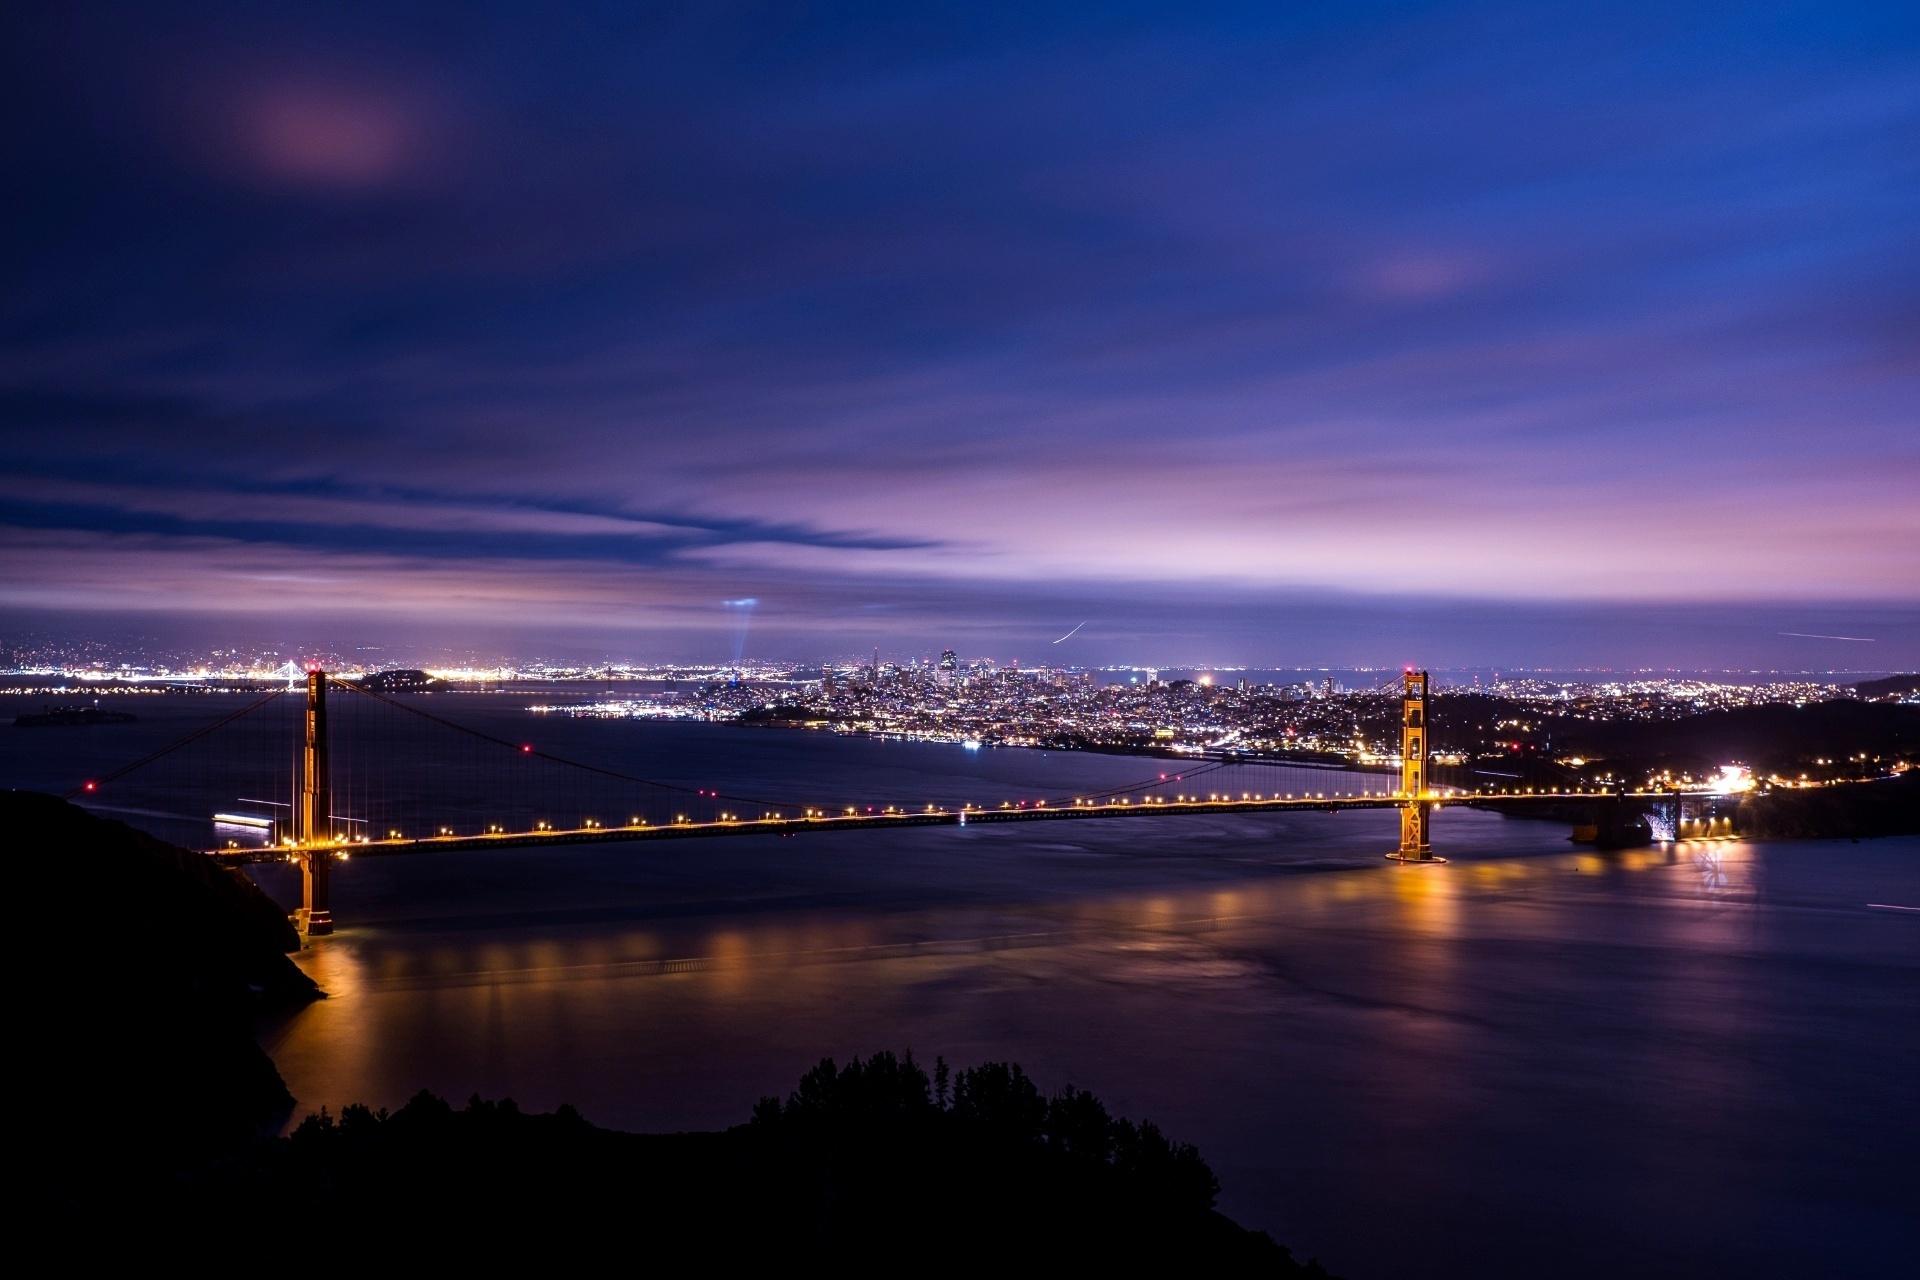 サンフランシスコの夜景 アメリカの風景